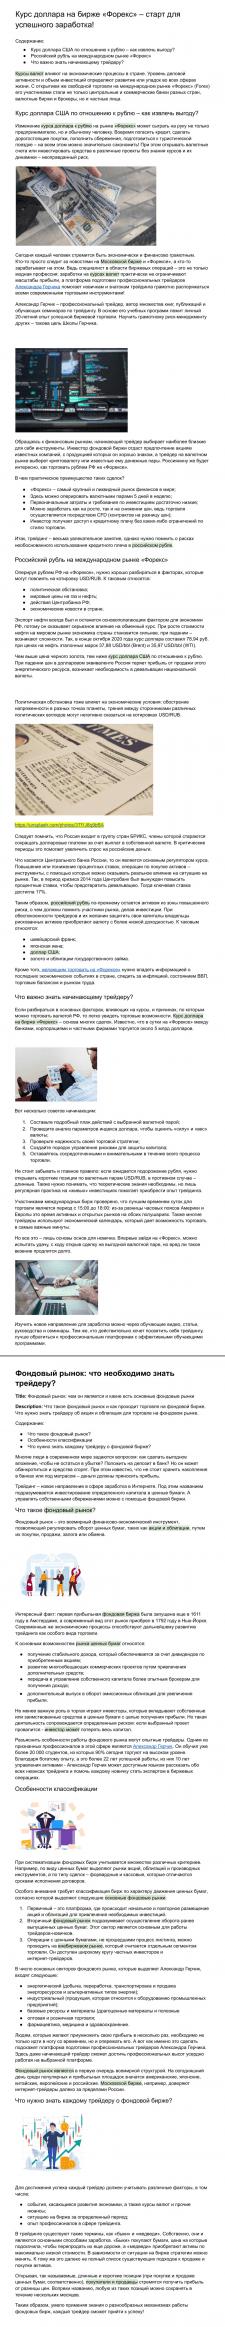 ФИНАНСЫ | Трейдер Александр Герчик